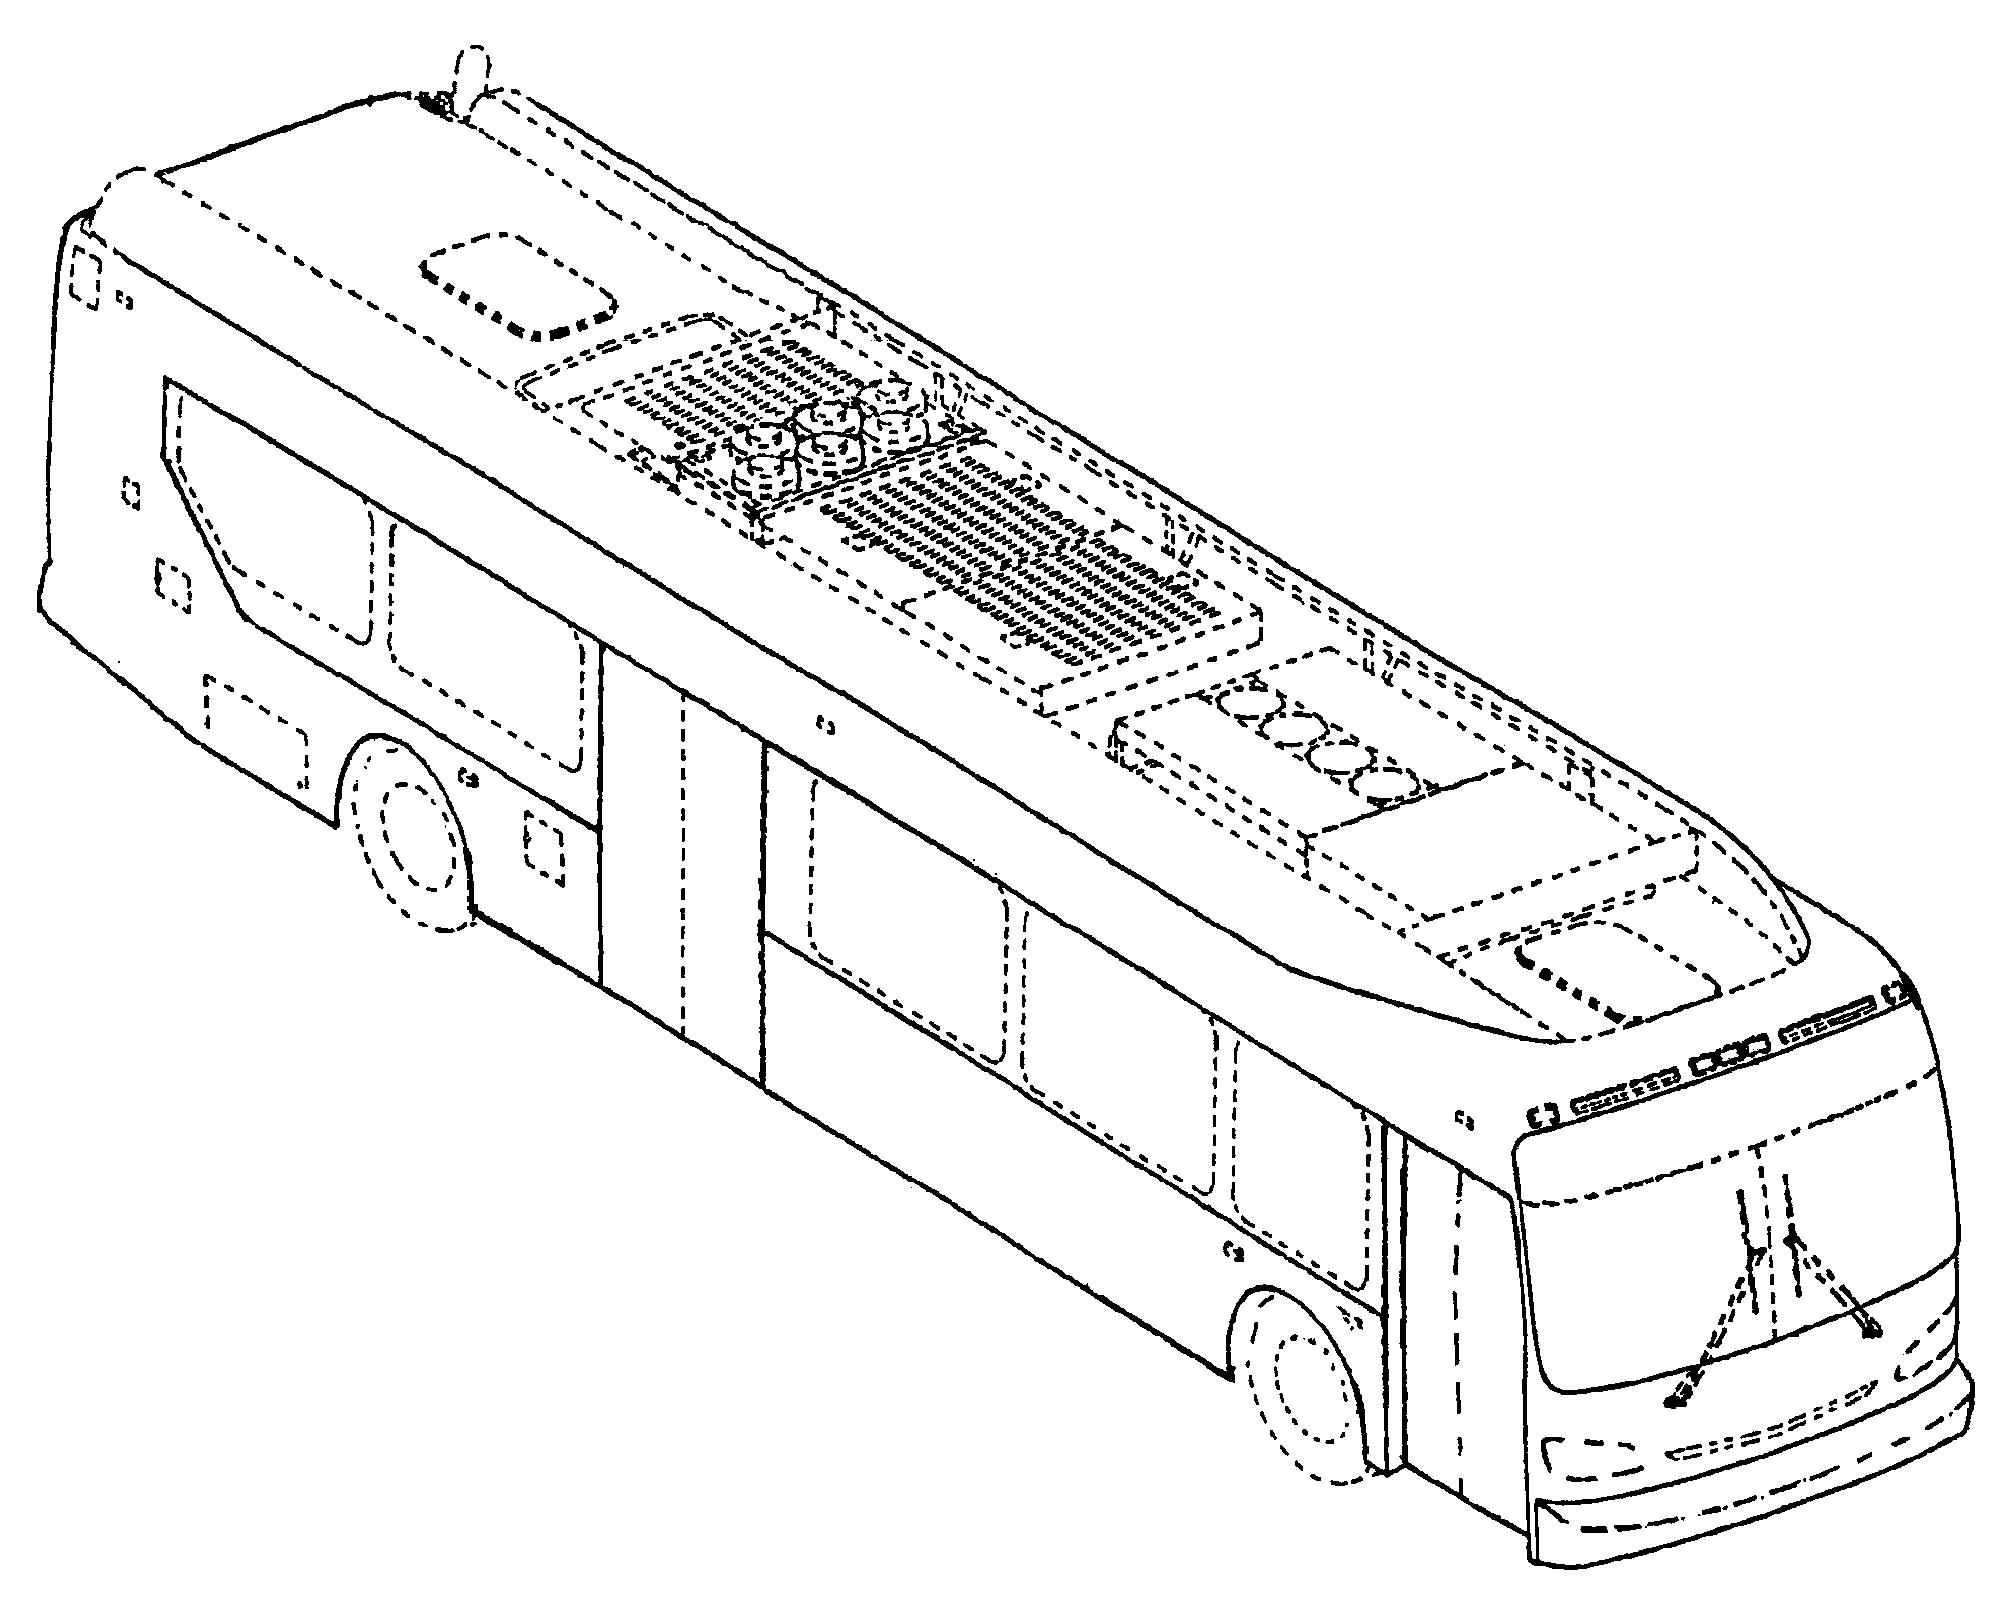 工程图 简笔画 平面图 手绘 线稿 2004_1597